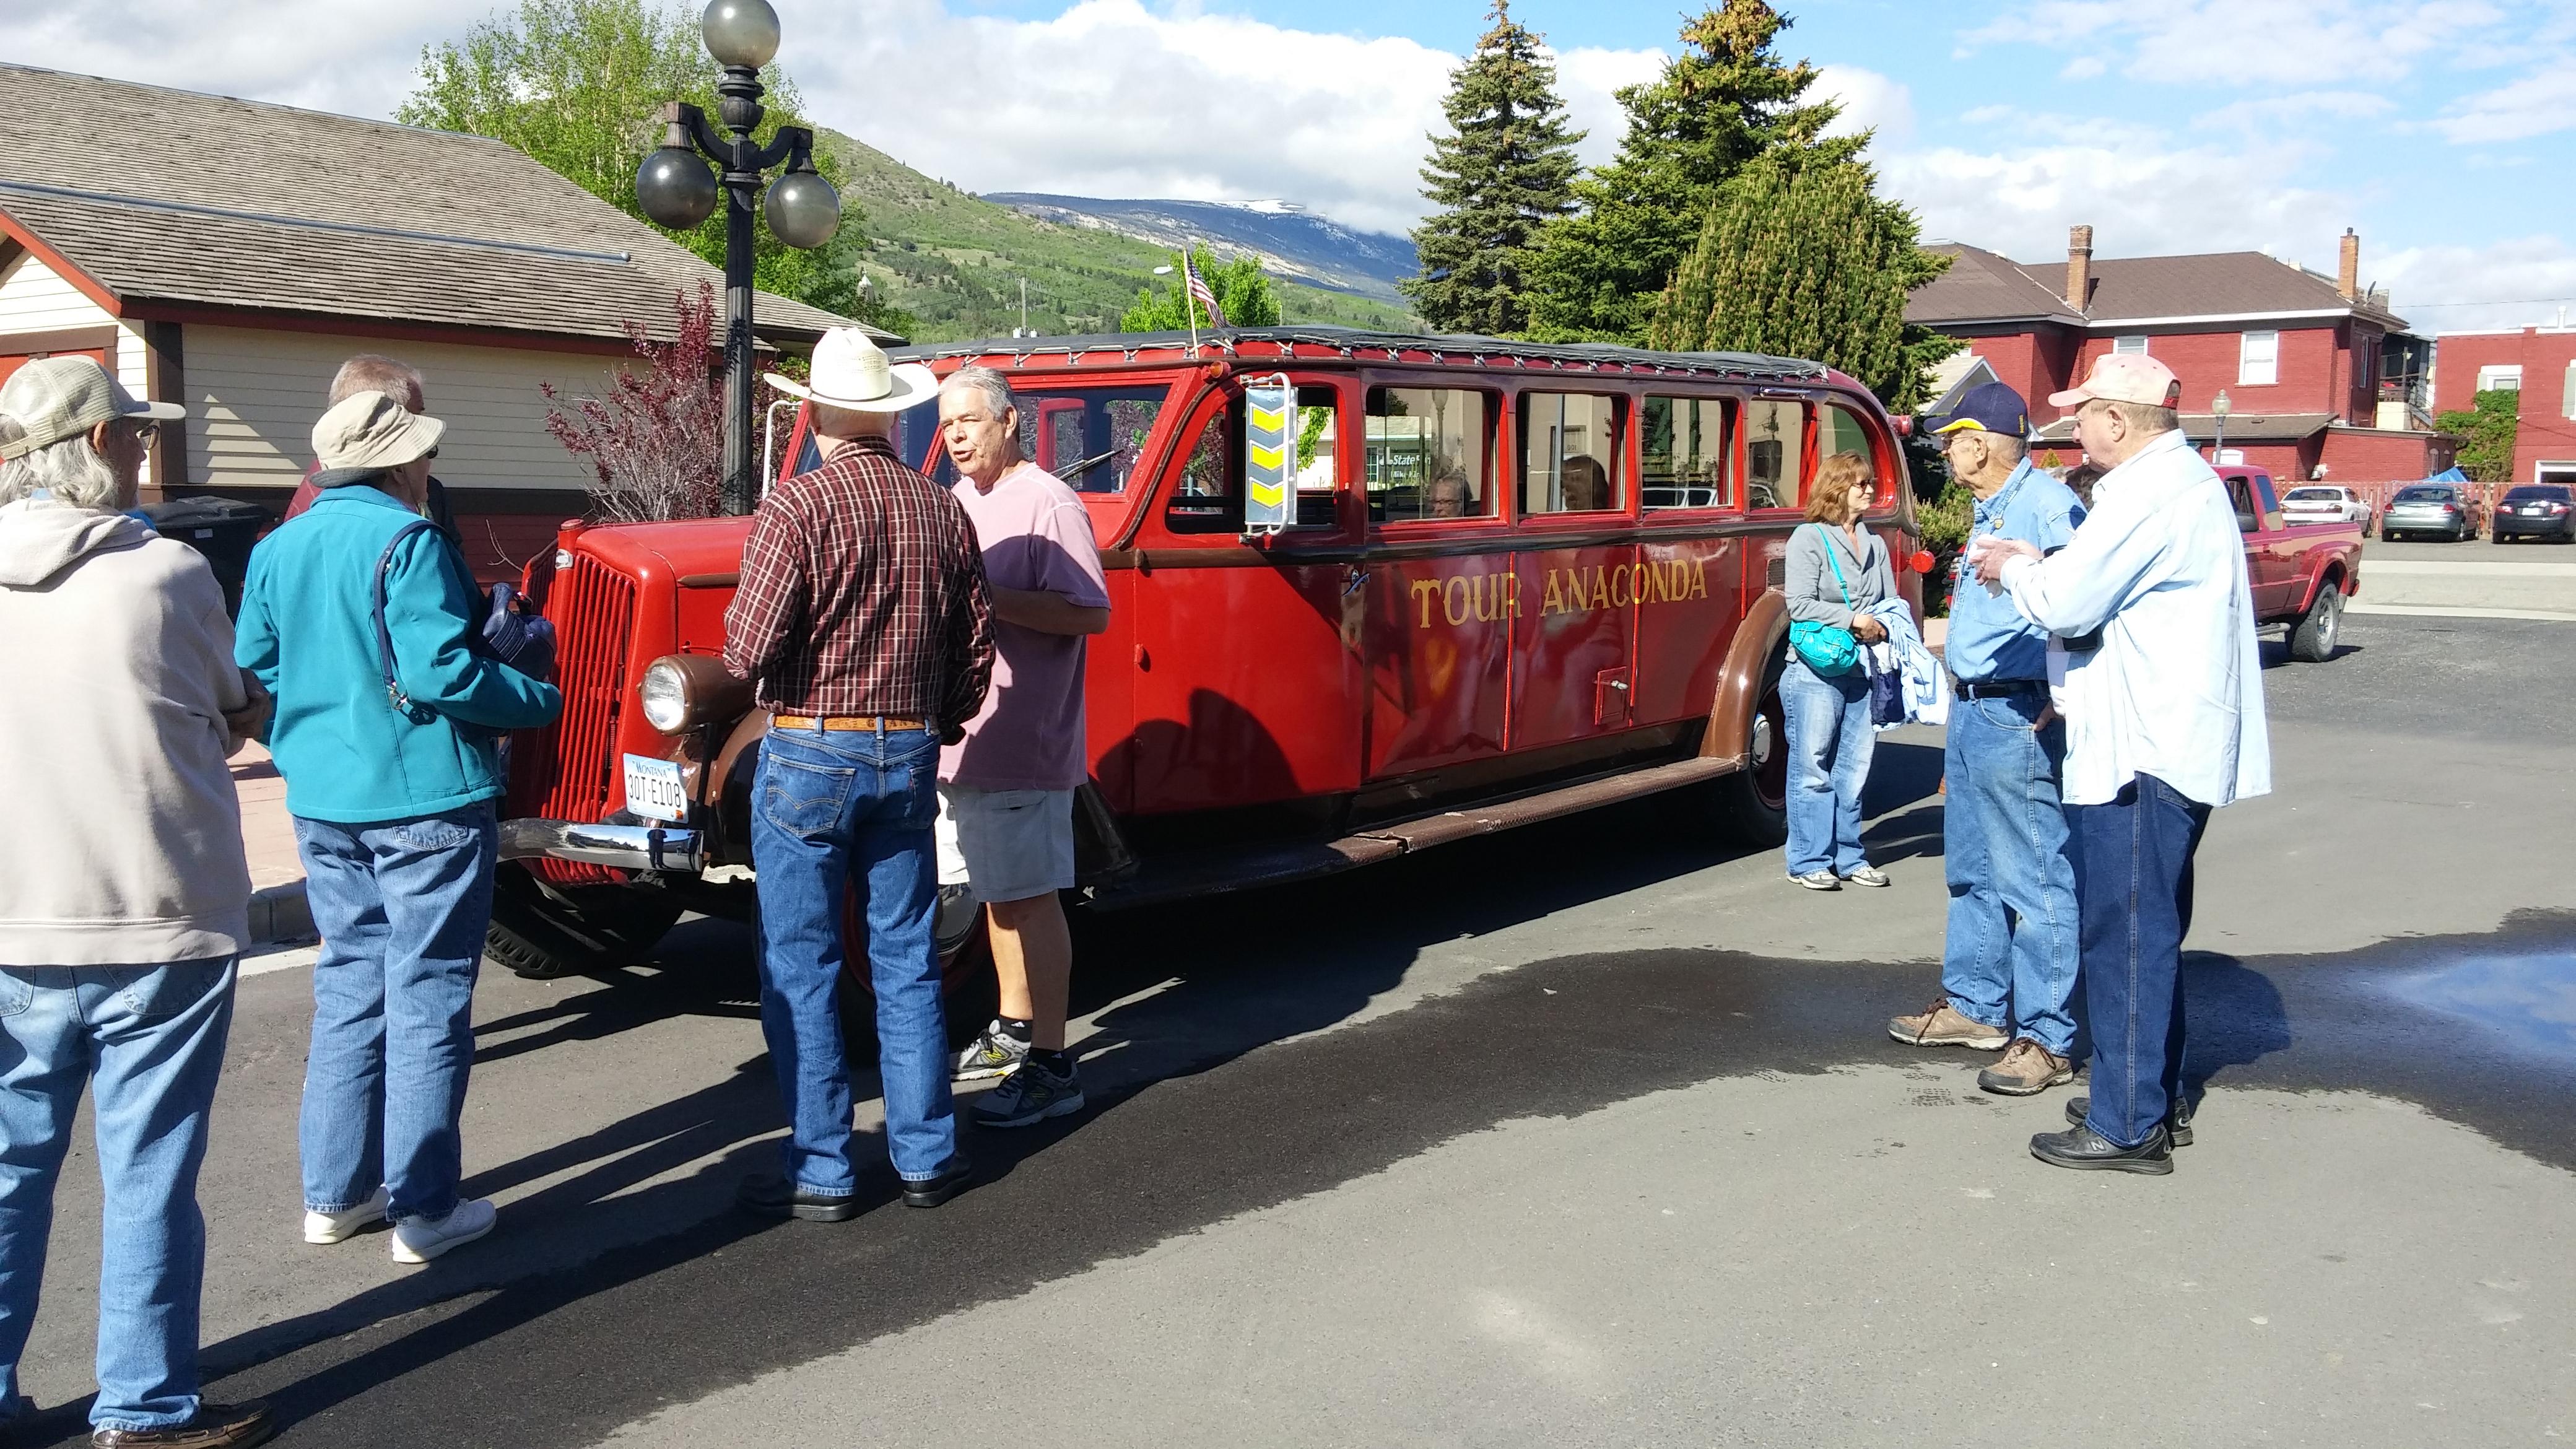 Red bus tour of Ananconda